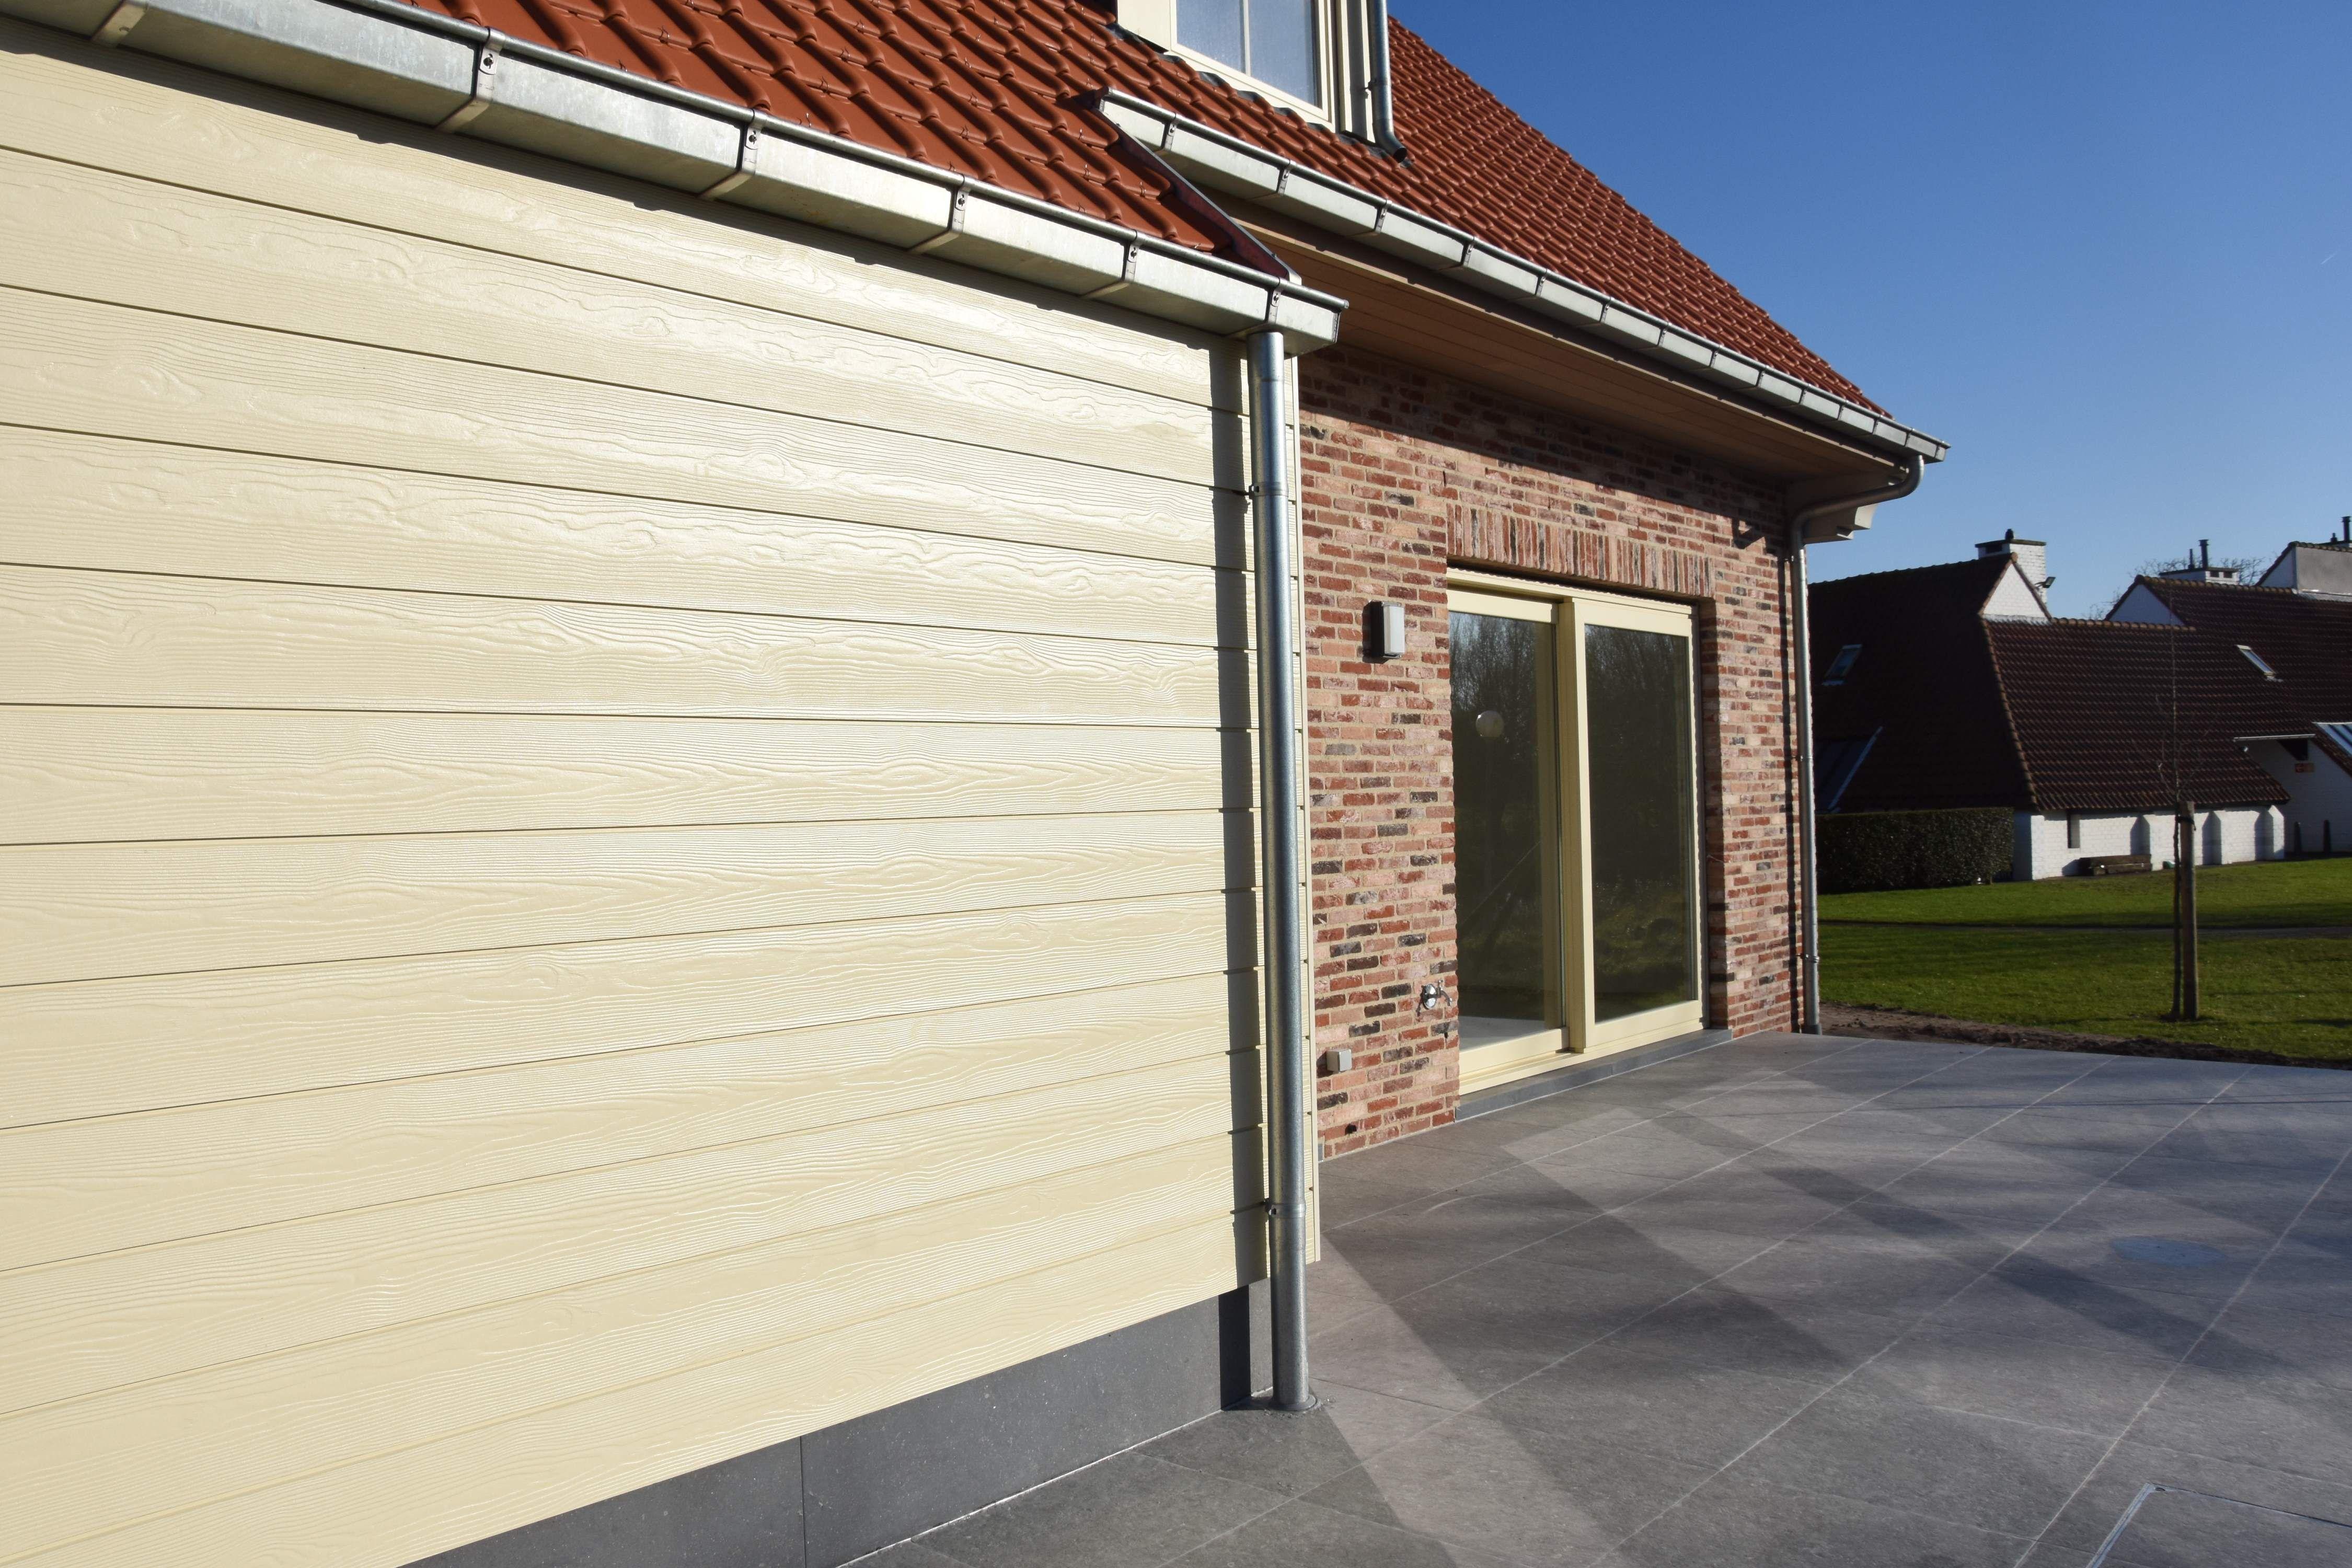 Nieuwbouw woning Gustaaf Buffelstraat Nieuwpoort - 6951